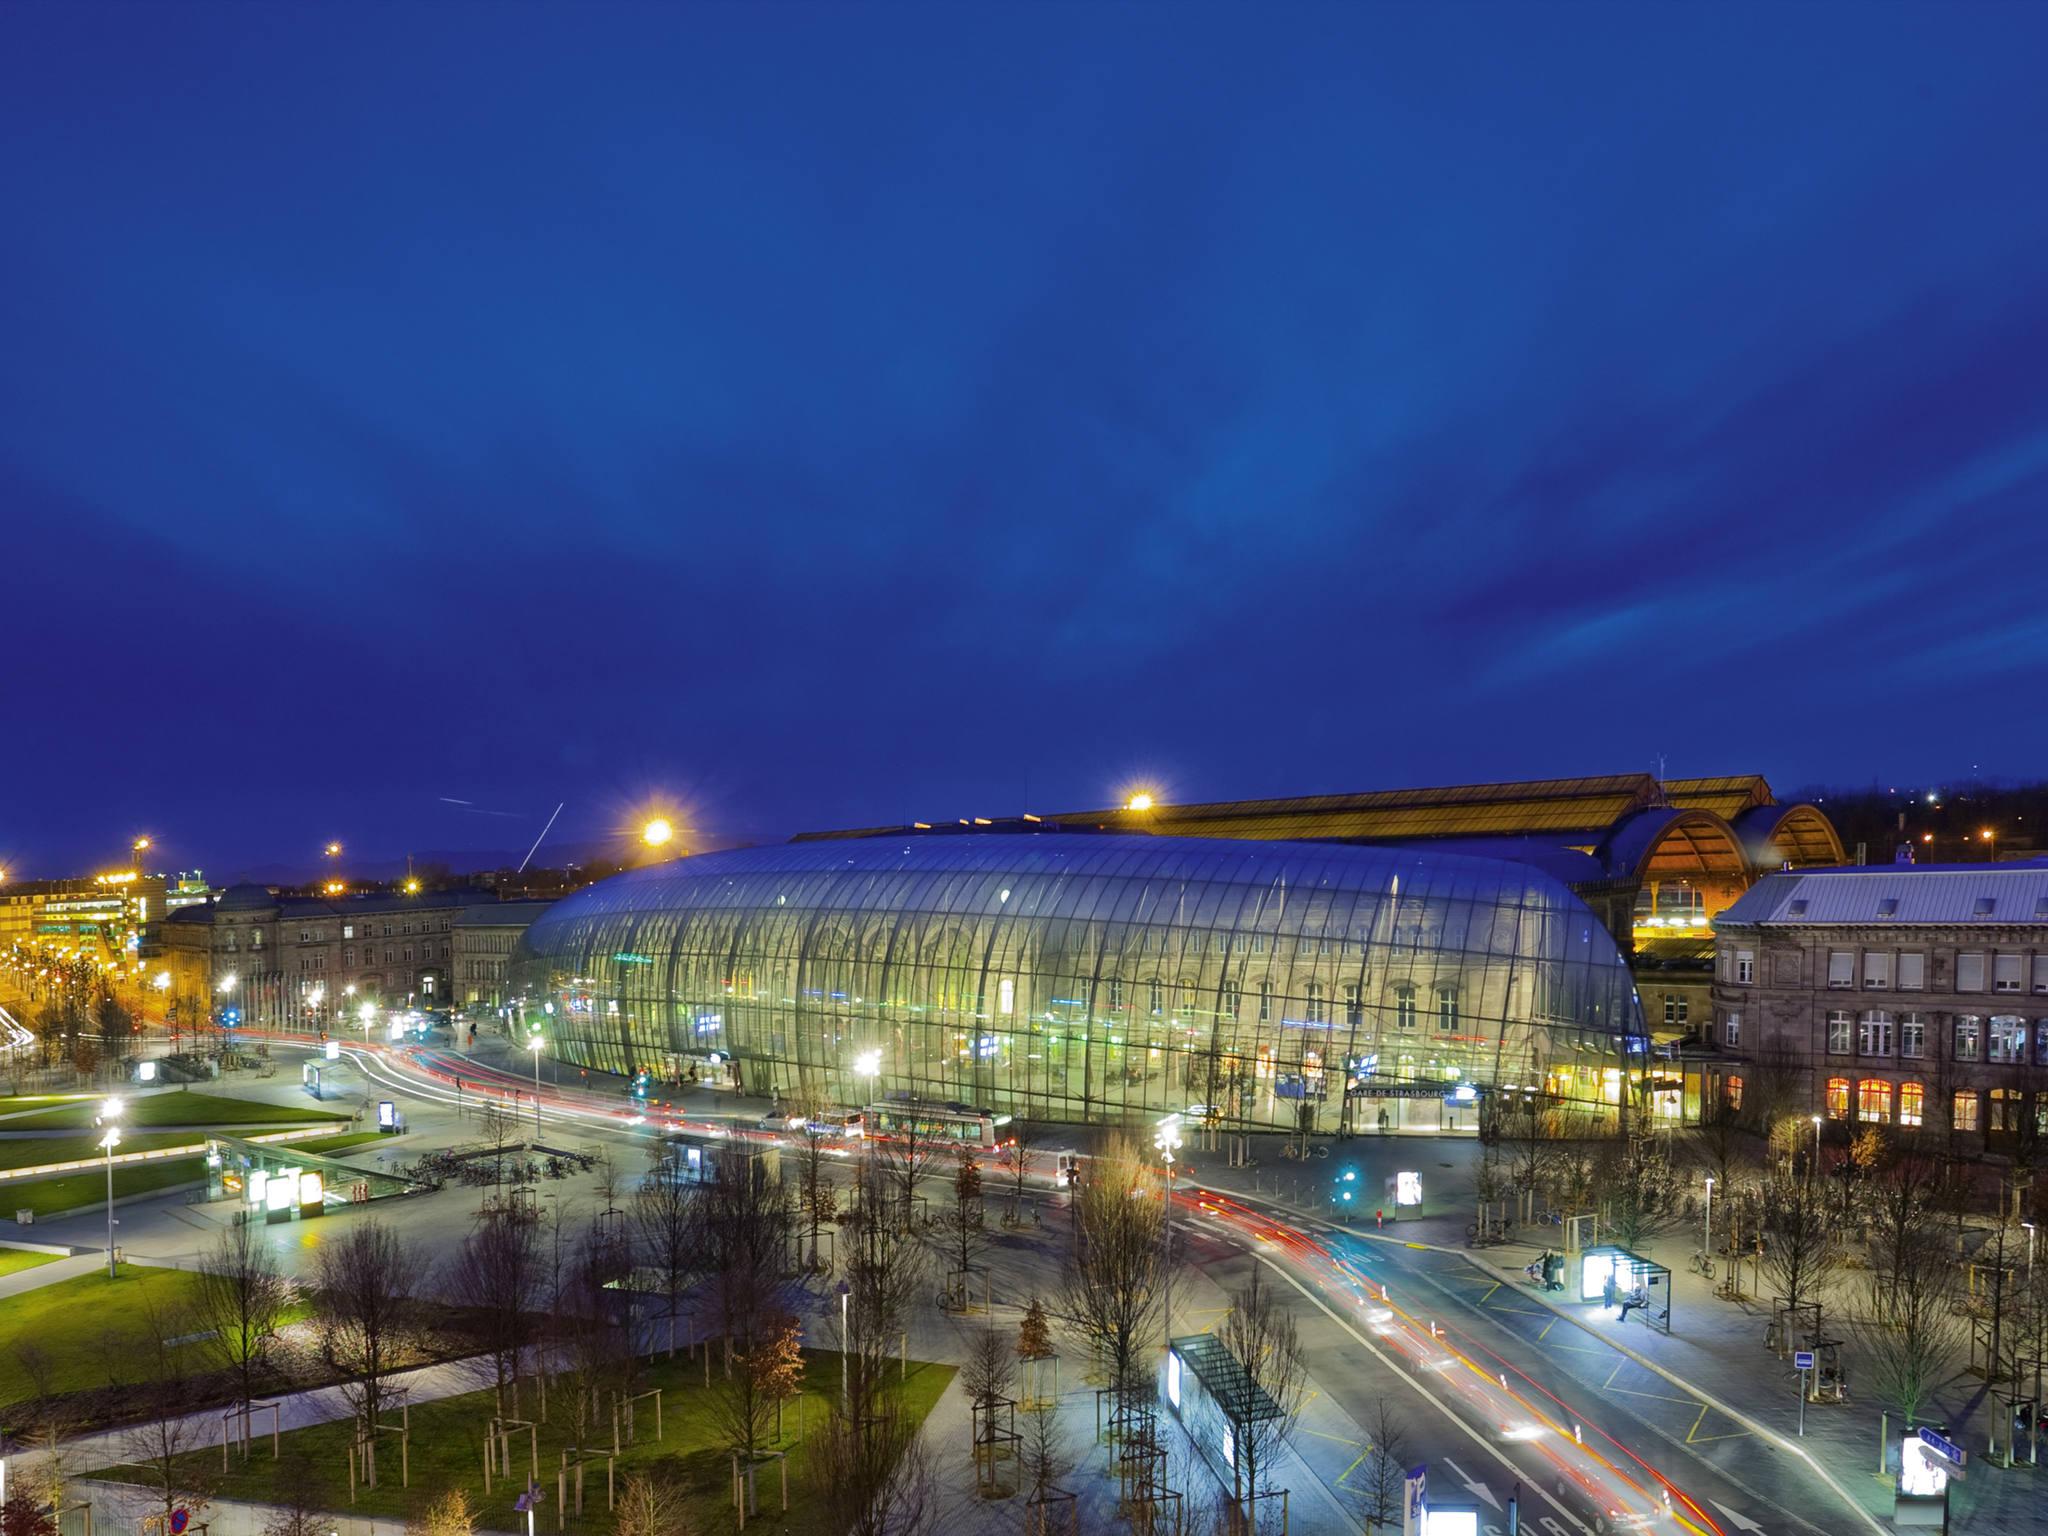 Hôtel - Hôtel Mercure Strasbourg Centre Gare